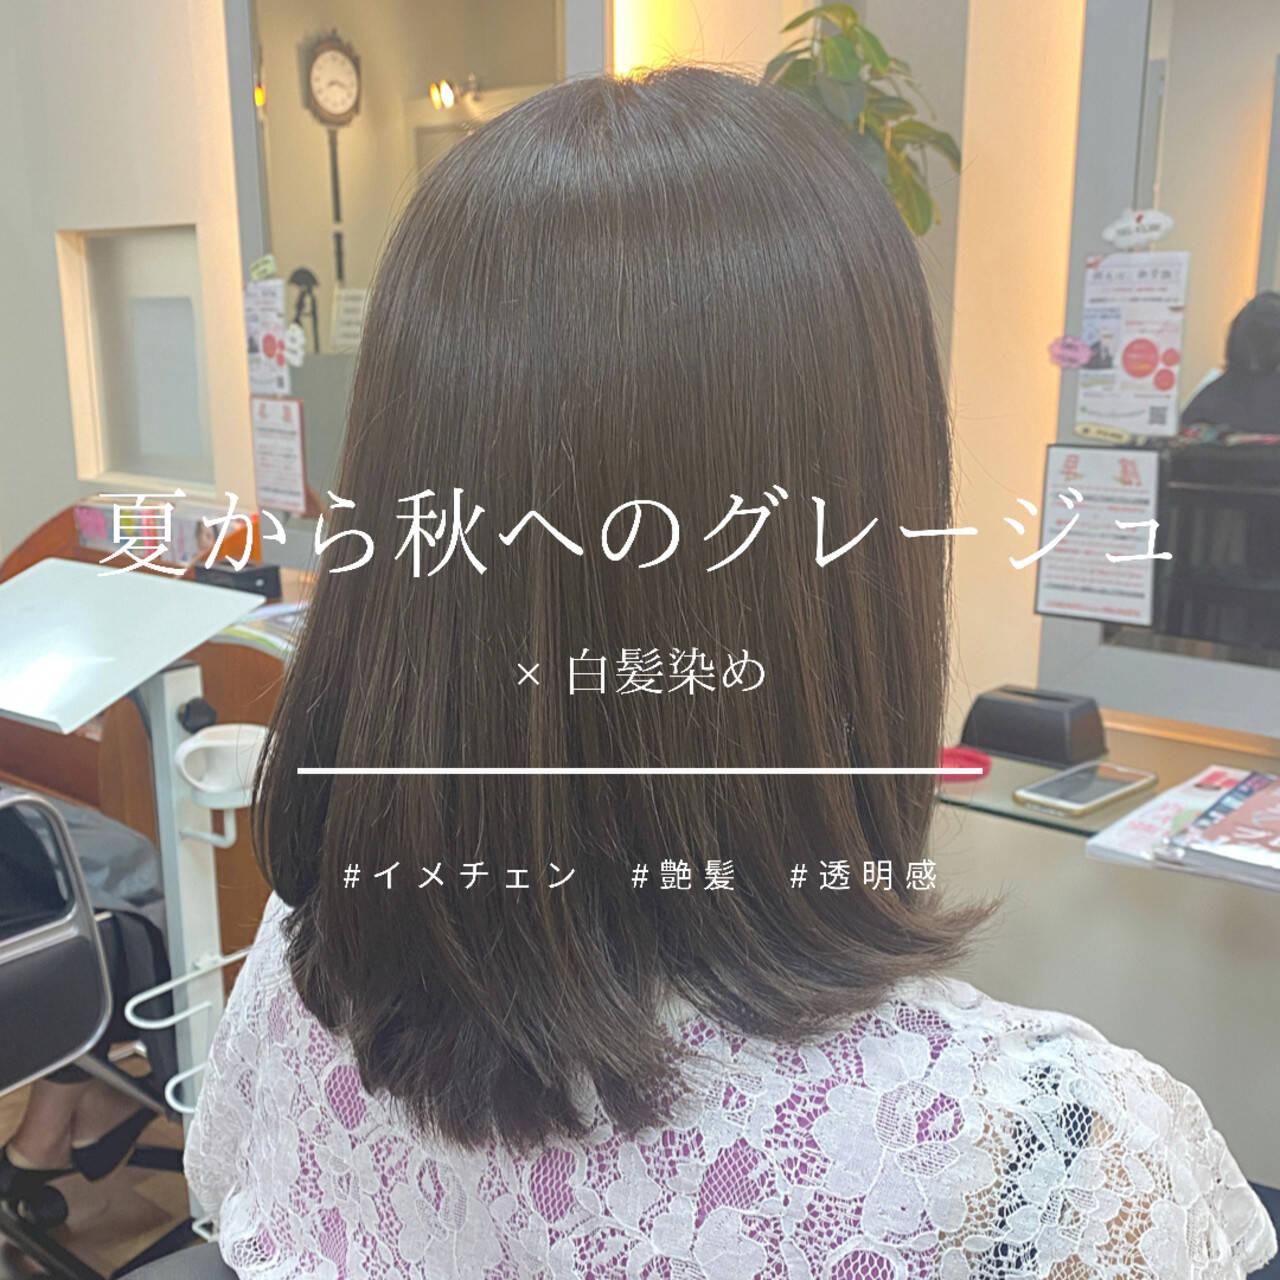 ナチュラル 秋 イメチェン 艶髪ヘアスタイルや髪型の写真・画像